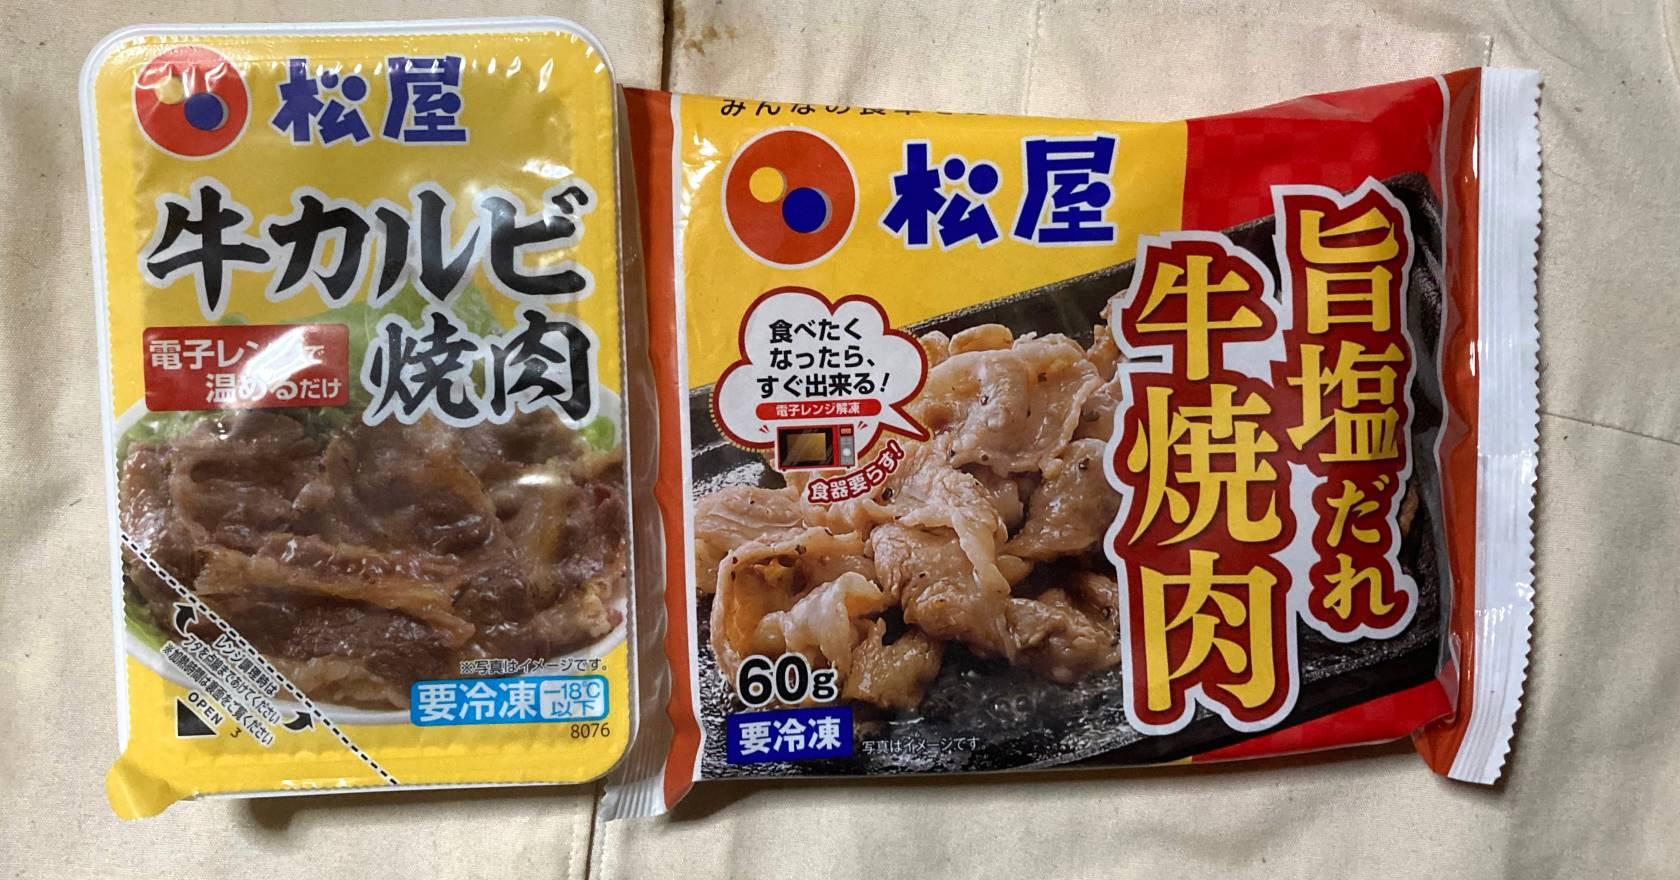 松屋 牛焼肉(旨塩だれ)と牛カルビ焼肉のパッケージ